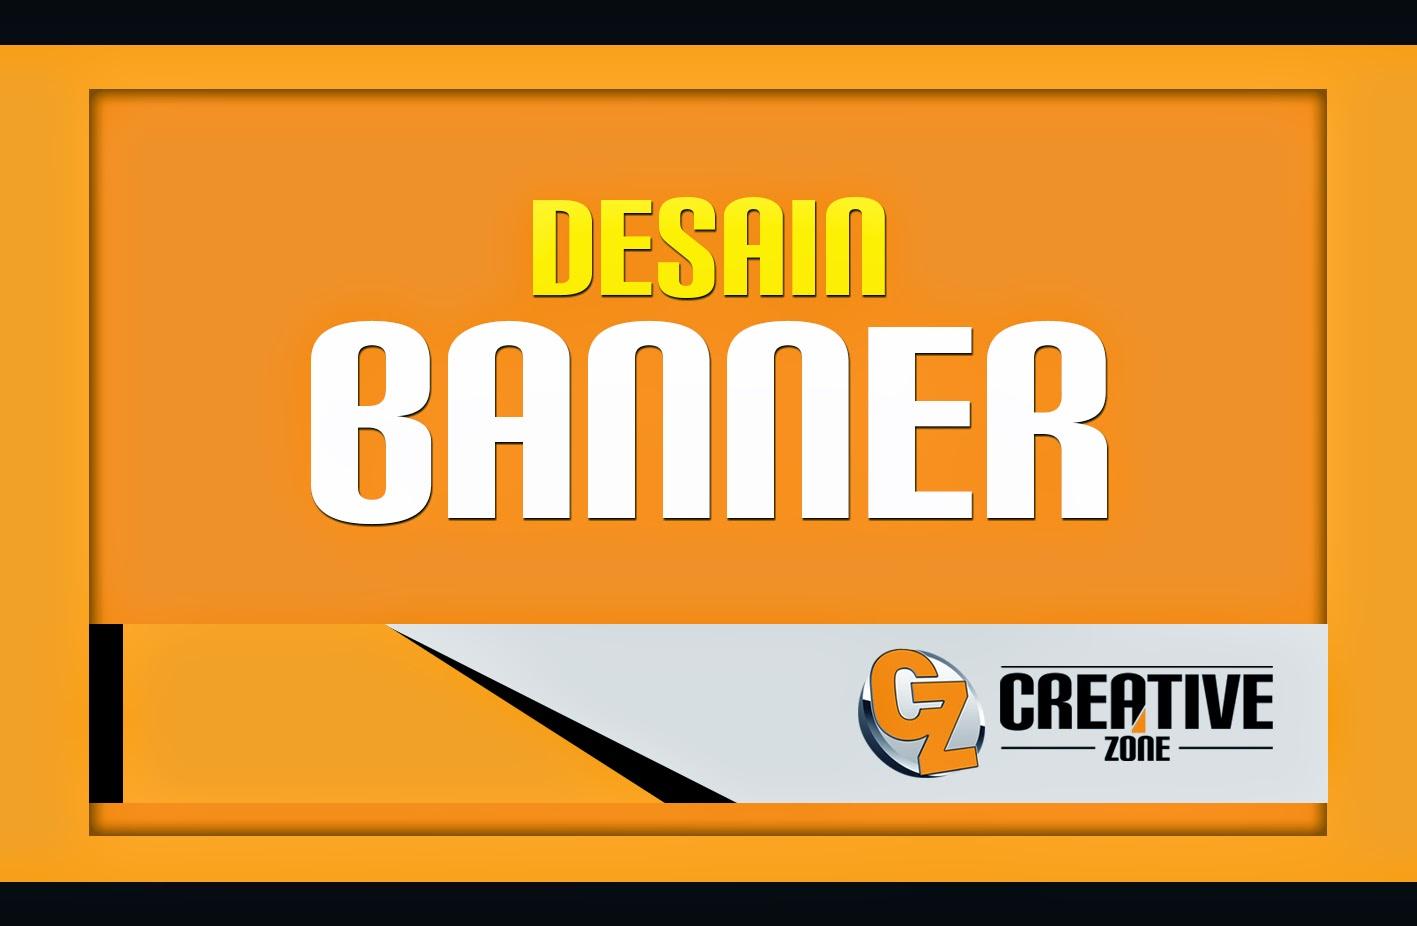 7 Contoh Desain Banner Contoh Brosur Contoh Spanduk Contoh